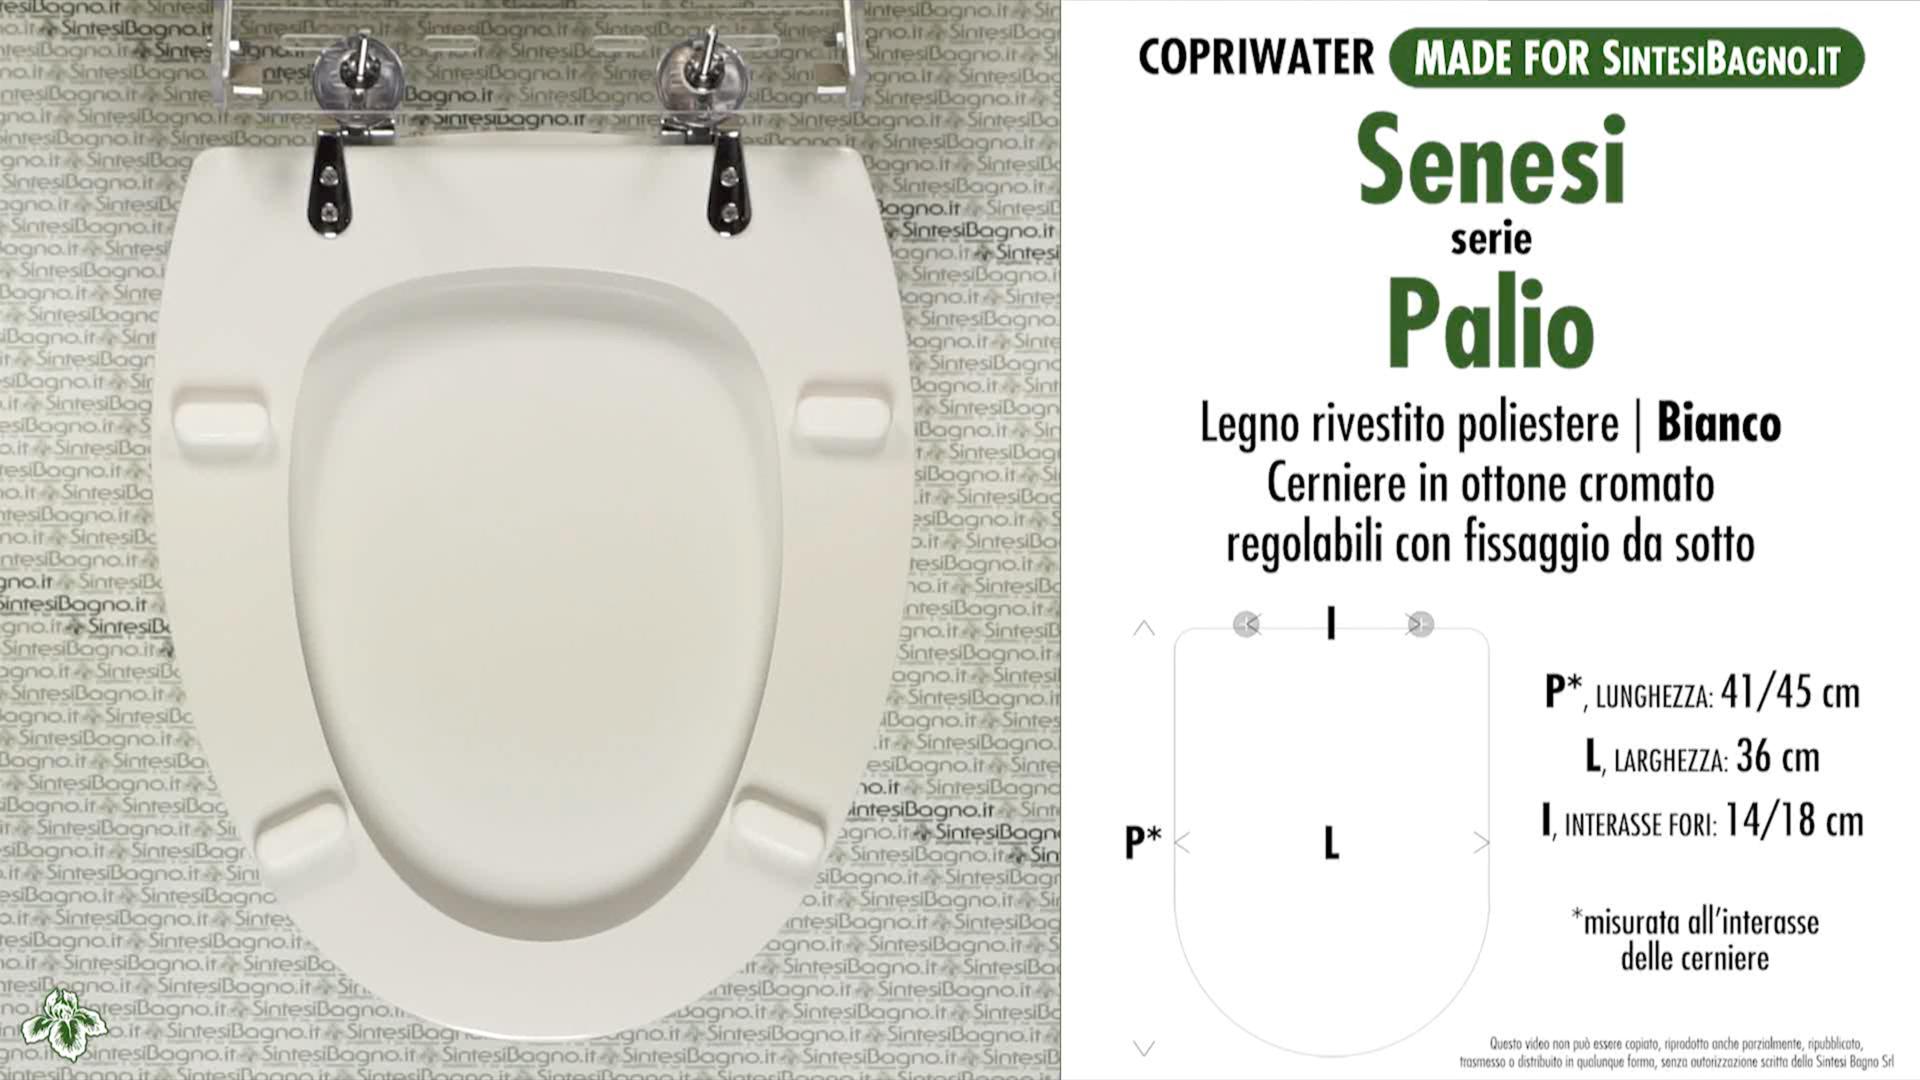 Copriwater Per Wc Palio Senesi Ricambio Dedicato Legno